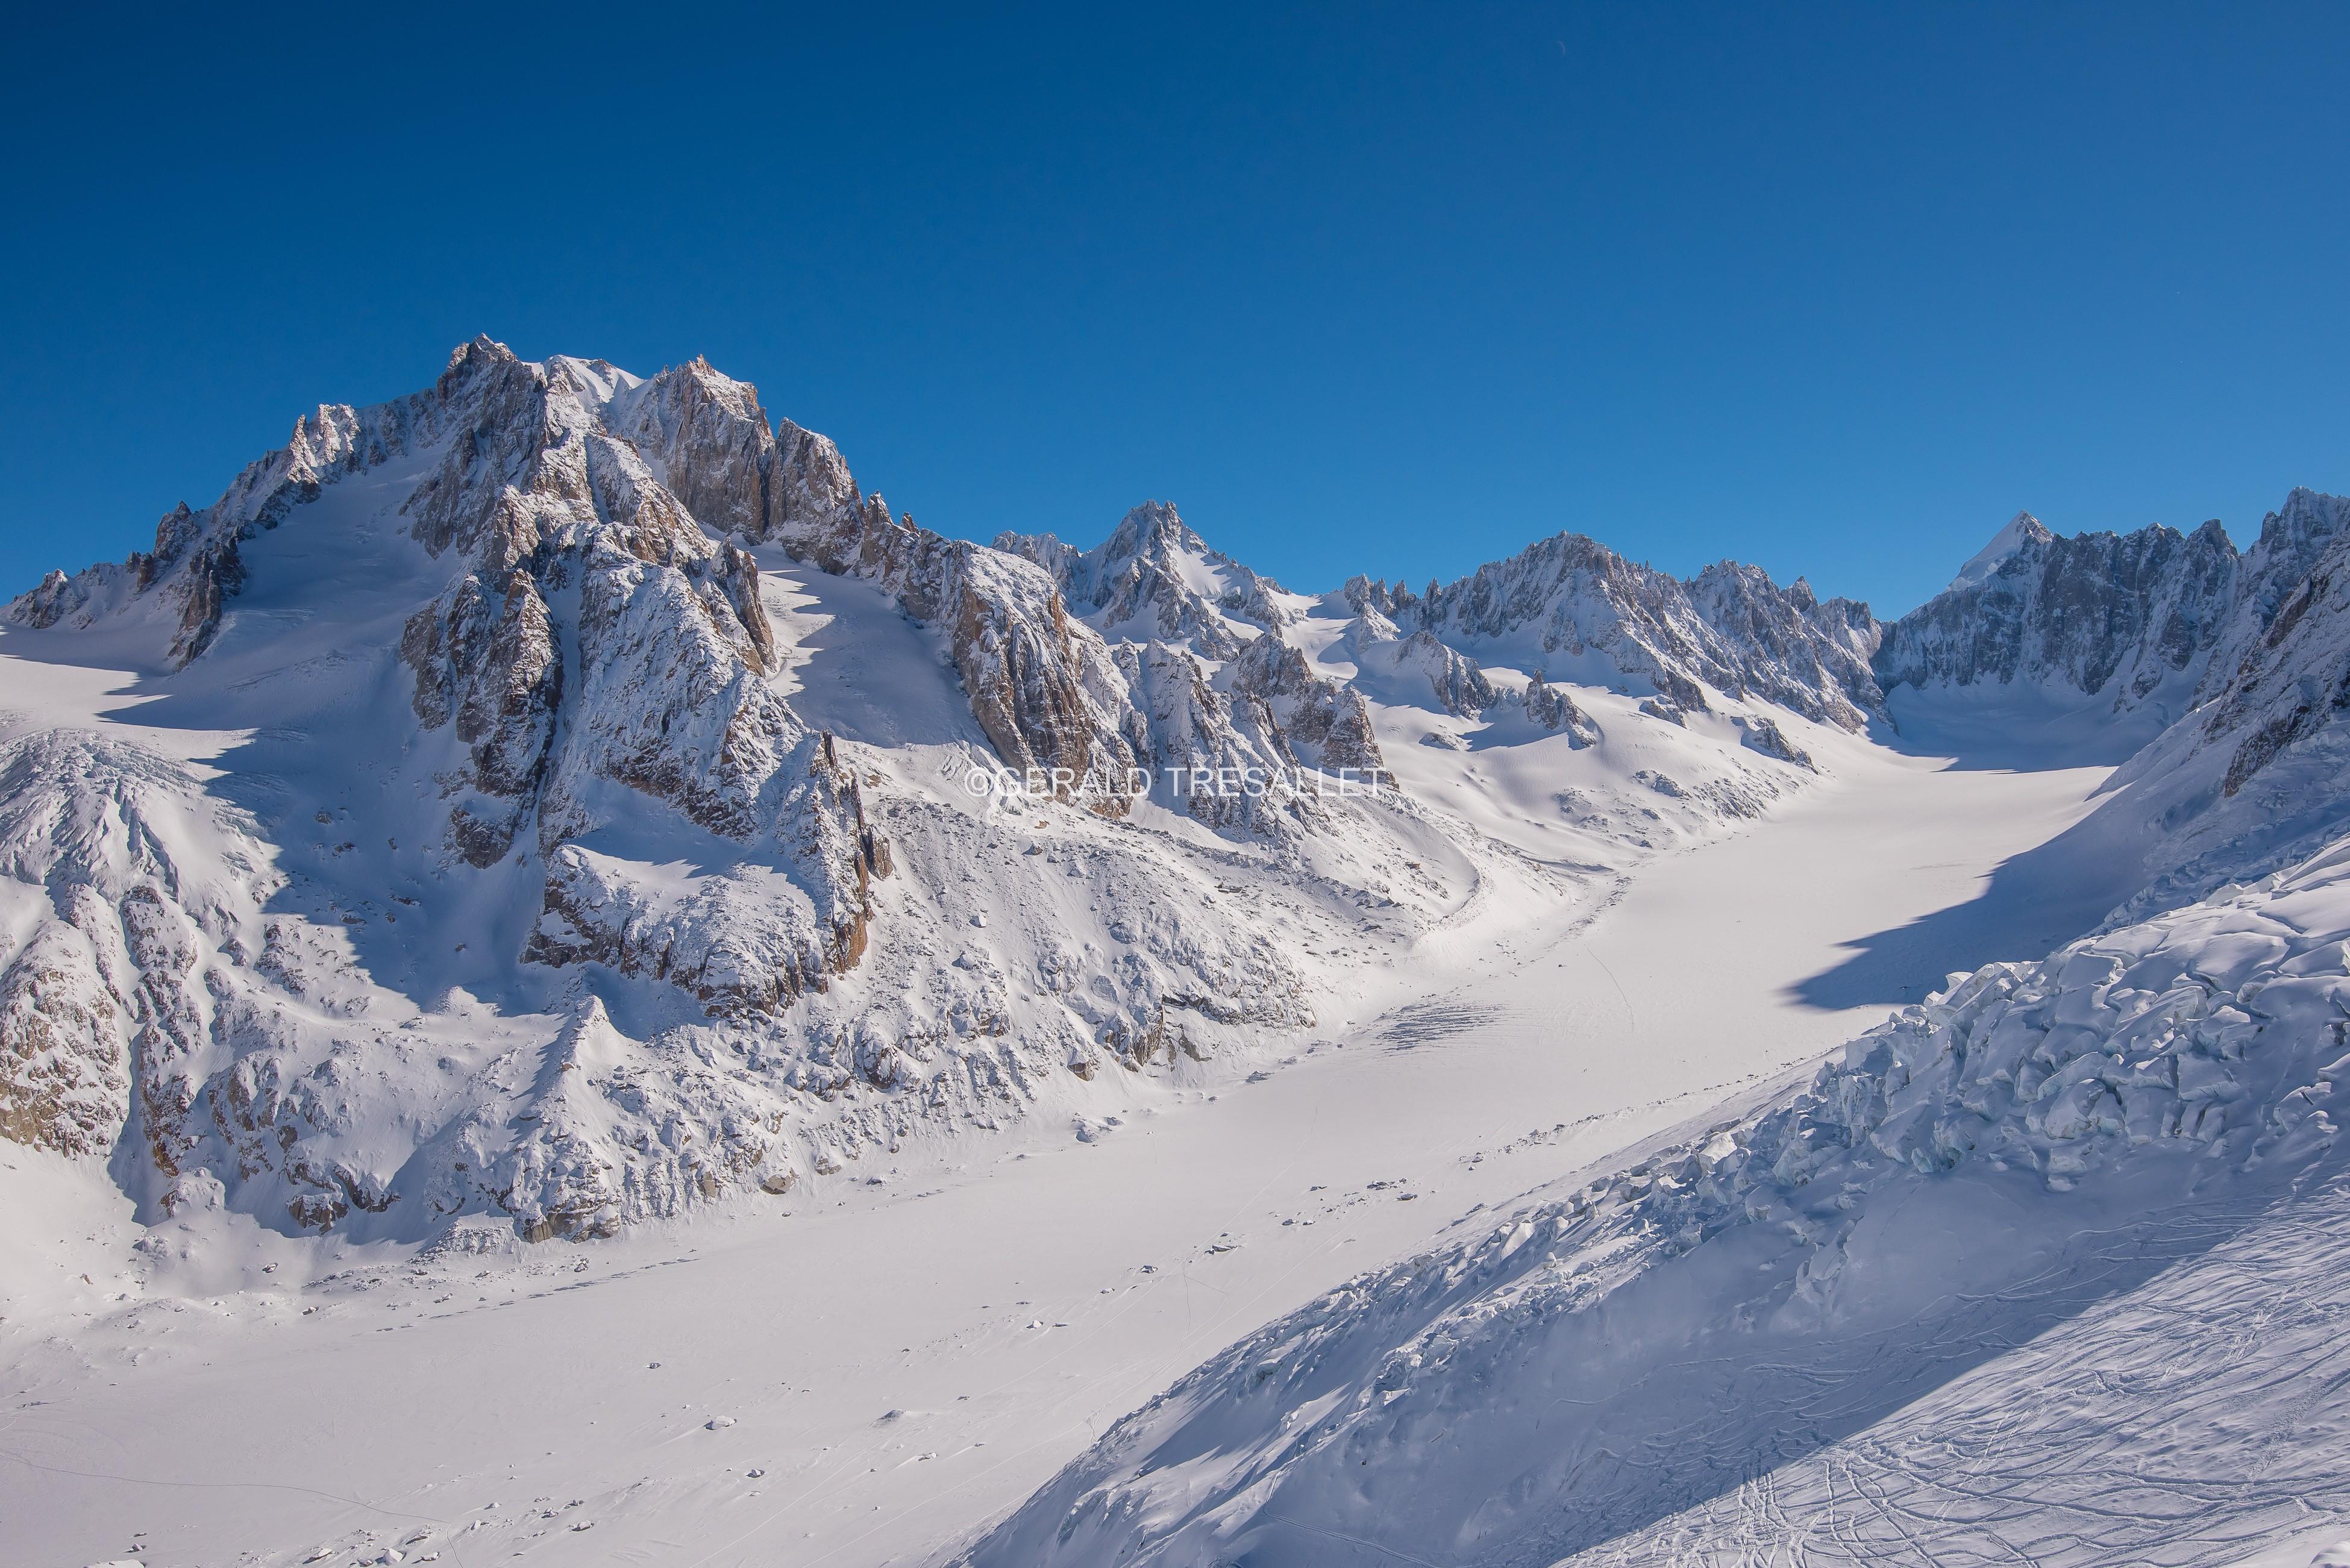 Glacier et Aiguille d'Argentière - Nik 0898